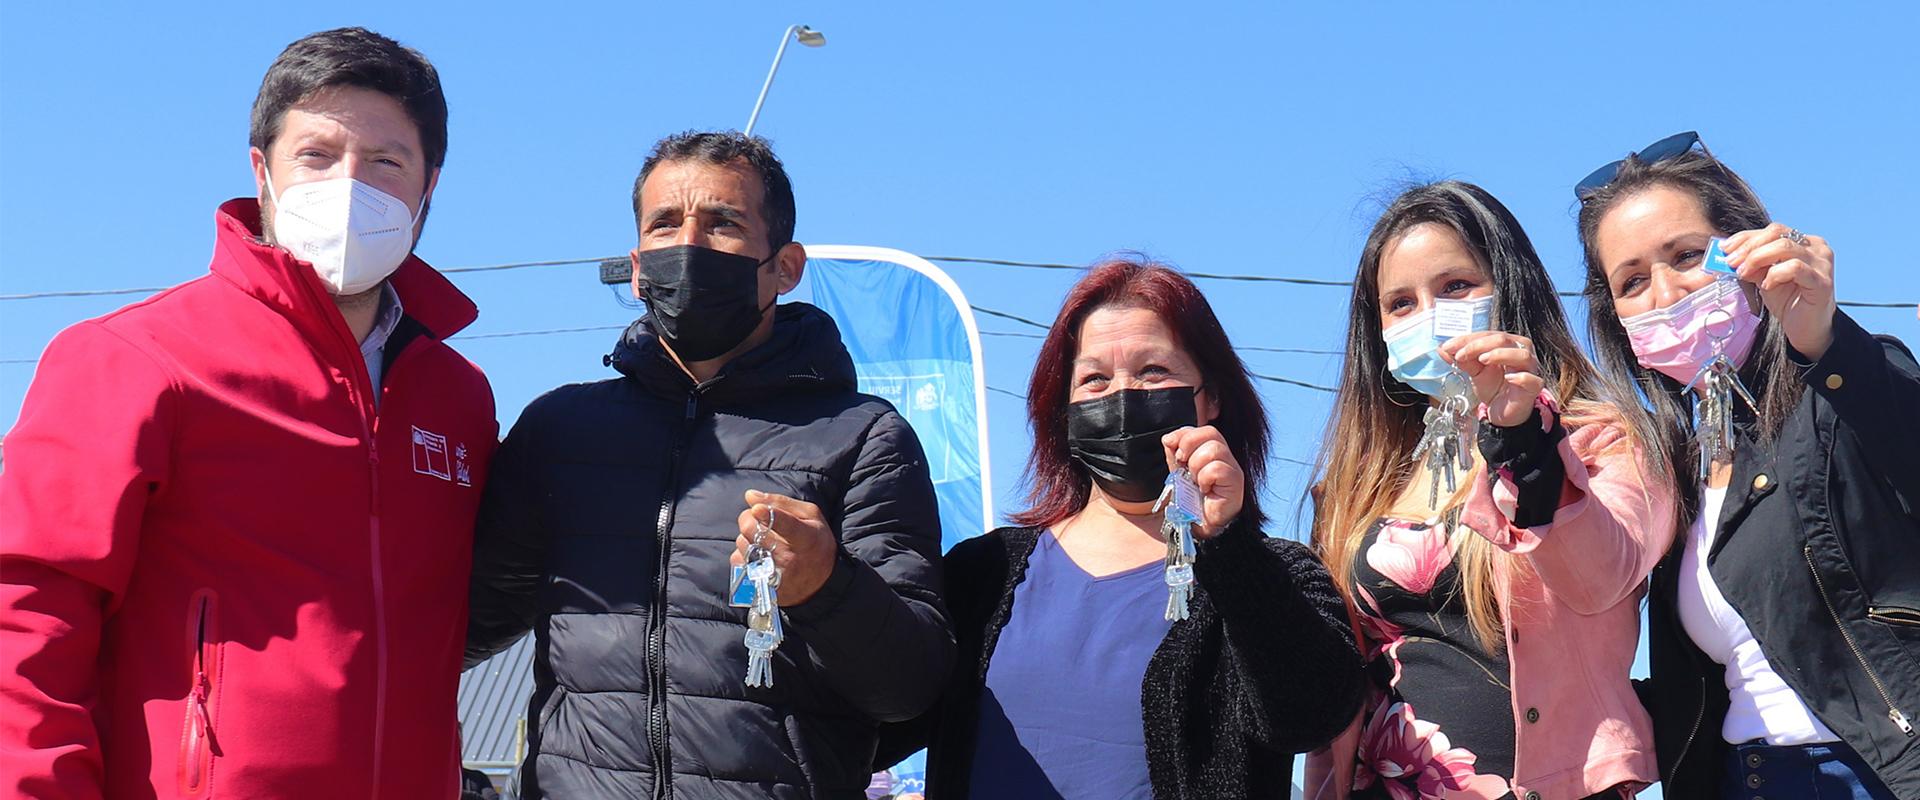 Seremi MINVU Gonzalo Montero entrega llaves de nuevas casas a cuatro propietarios